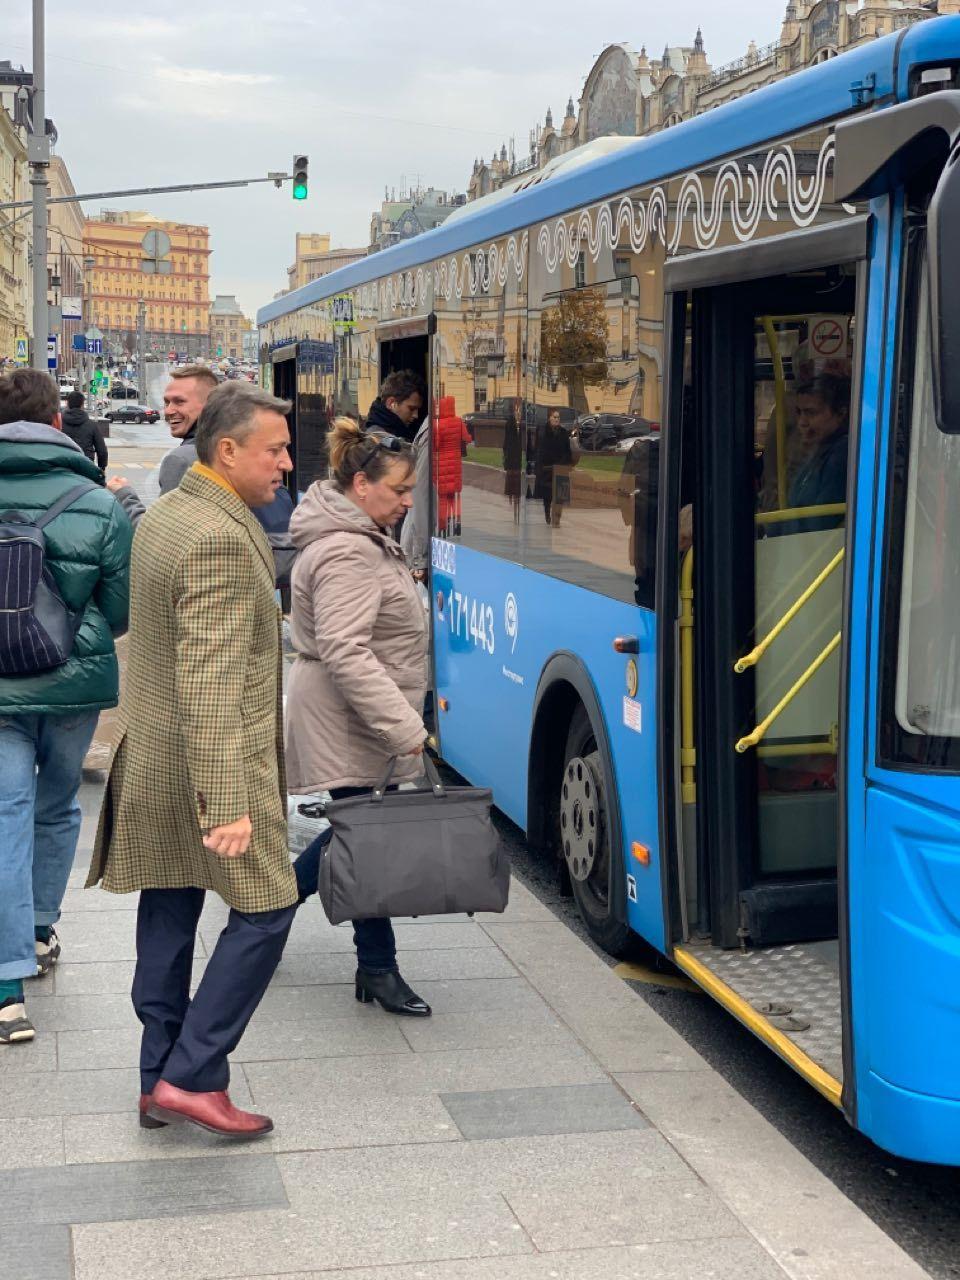 АНАТОЛИЙ ВЫБОРНЫЙ: «В наземном общественном транспорте Москвы установят камеры наблюдения, которые будут фиксировать работу водителей»